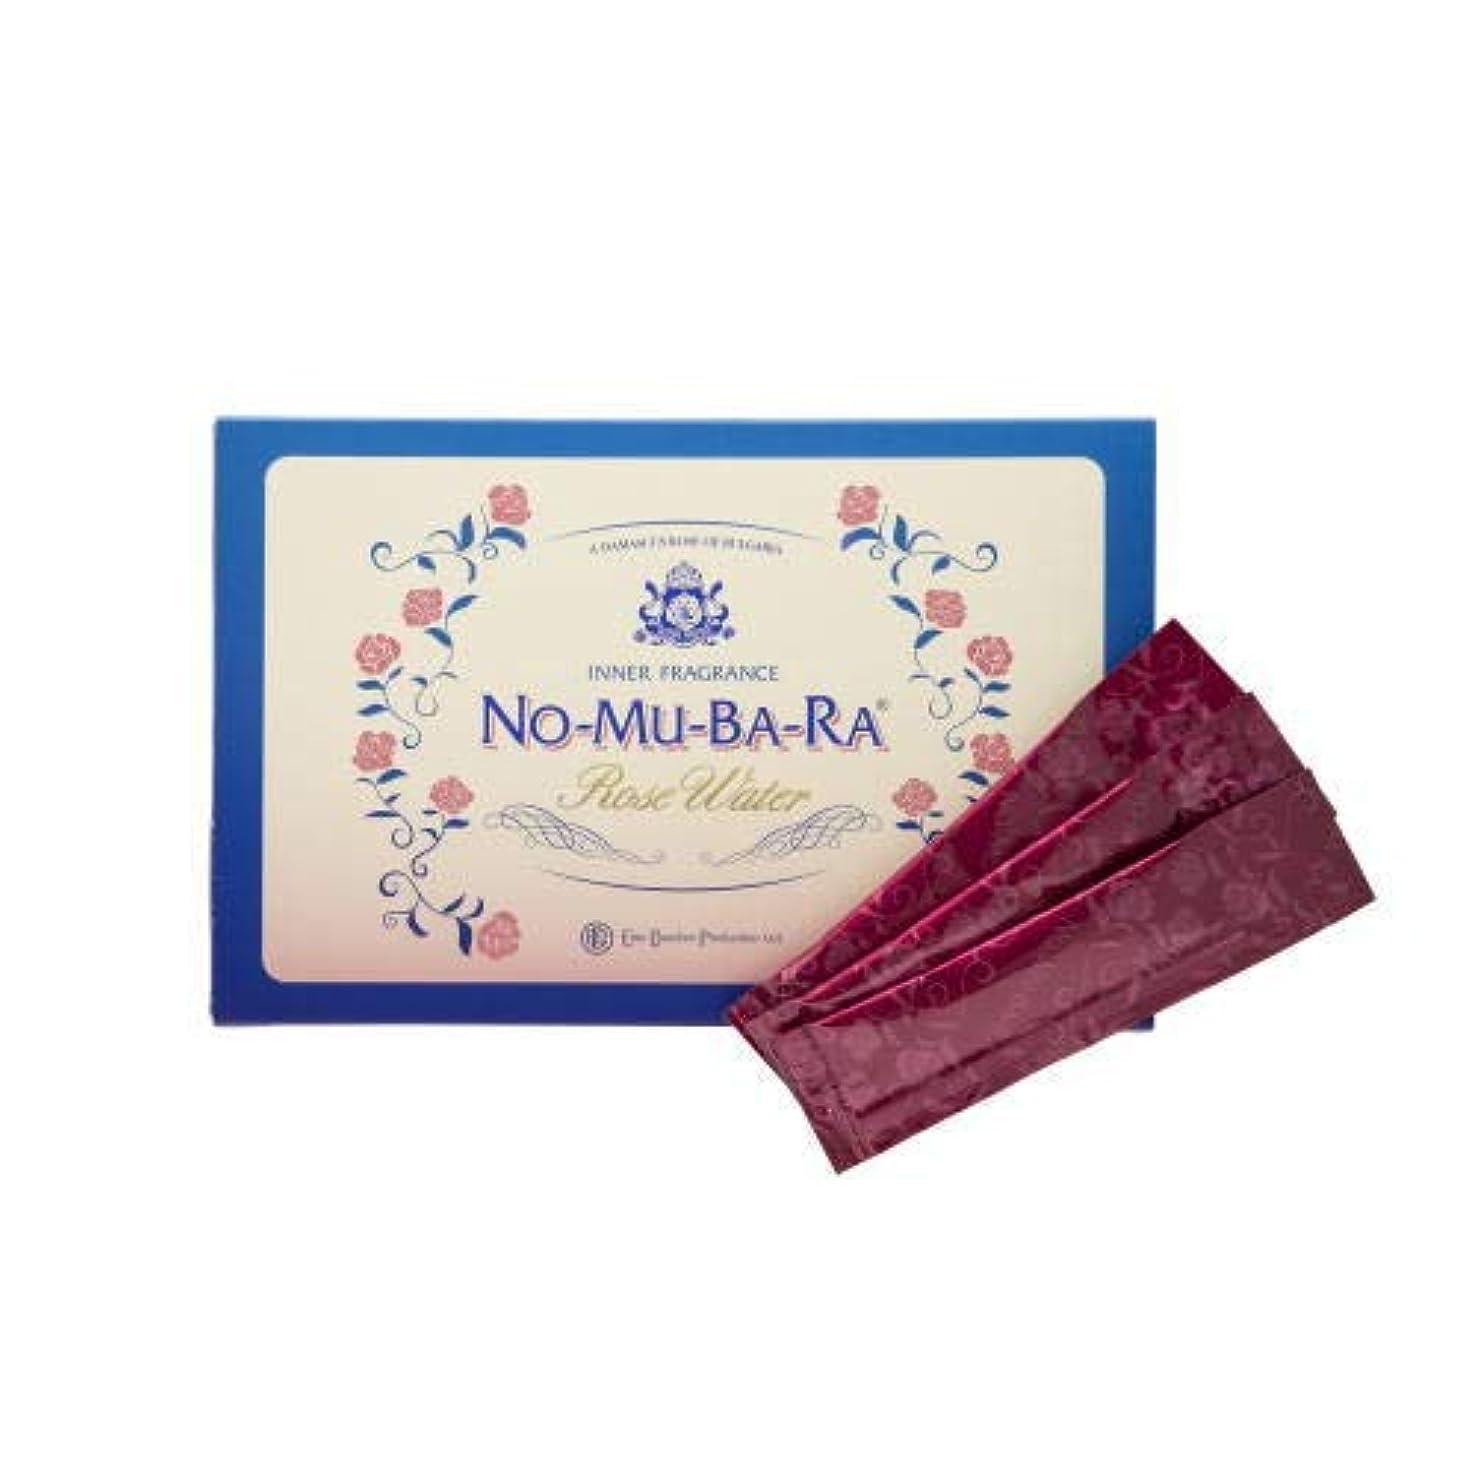 詩人精神ダンプNO-MU-BA-RA NO-MU-BA-RA(ノムバラ)(35包入)×2箱【モンドセレクション受賞】